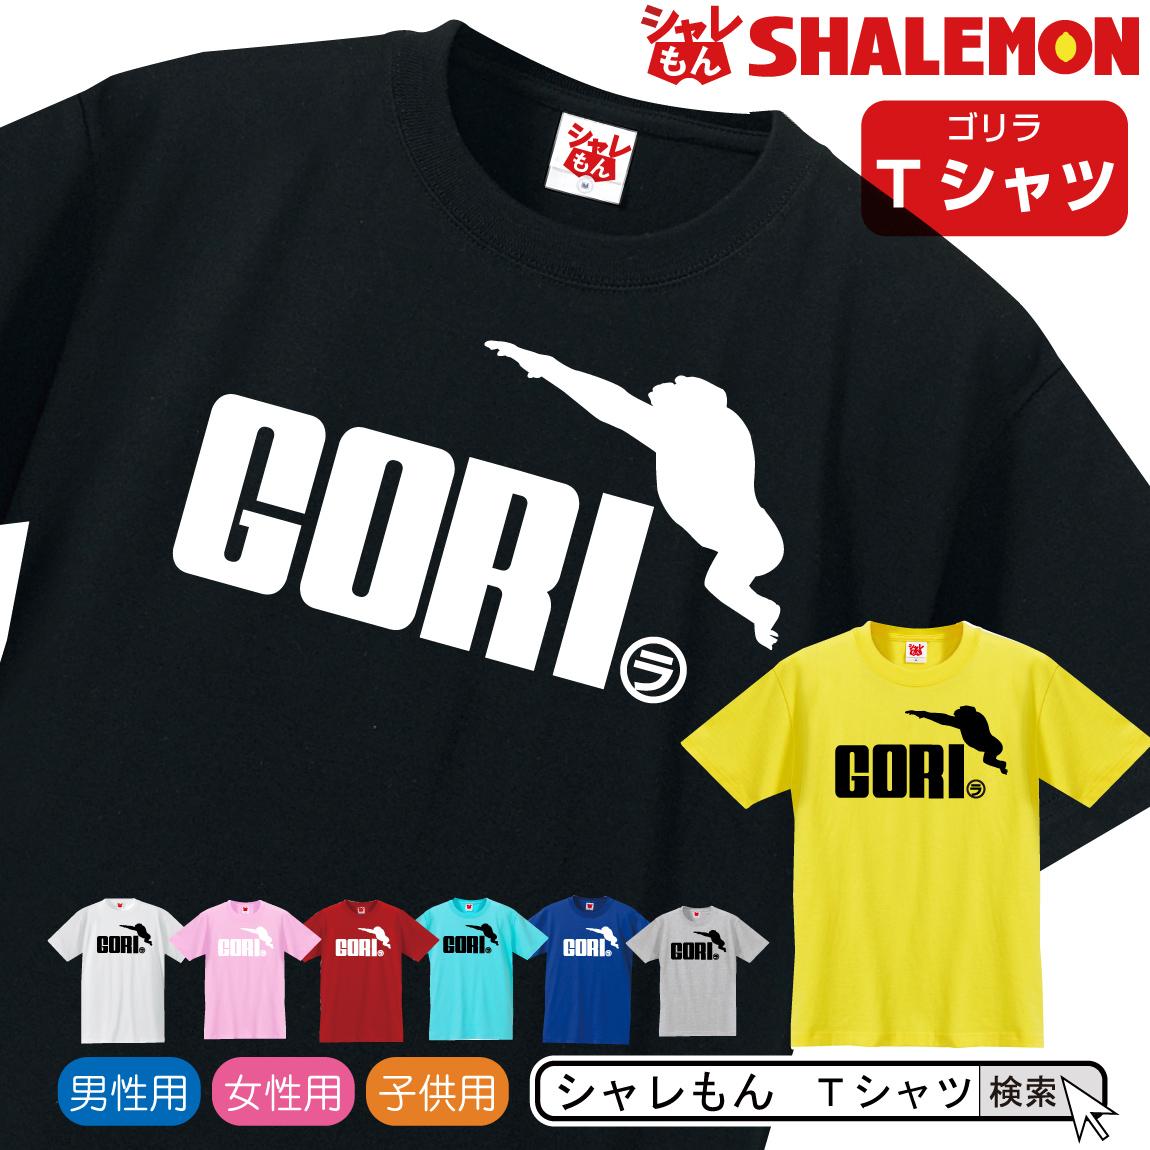 シャレもん アニマル おもしろTシャツ 【 選べる8色 Tシャツ ゴリラ ジャンプ 】 面白い プレゼント 雑貨 グッズ 男性 女性 子供 半袖 しゃれもん